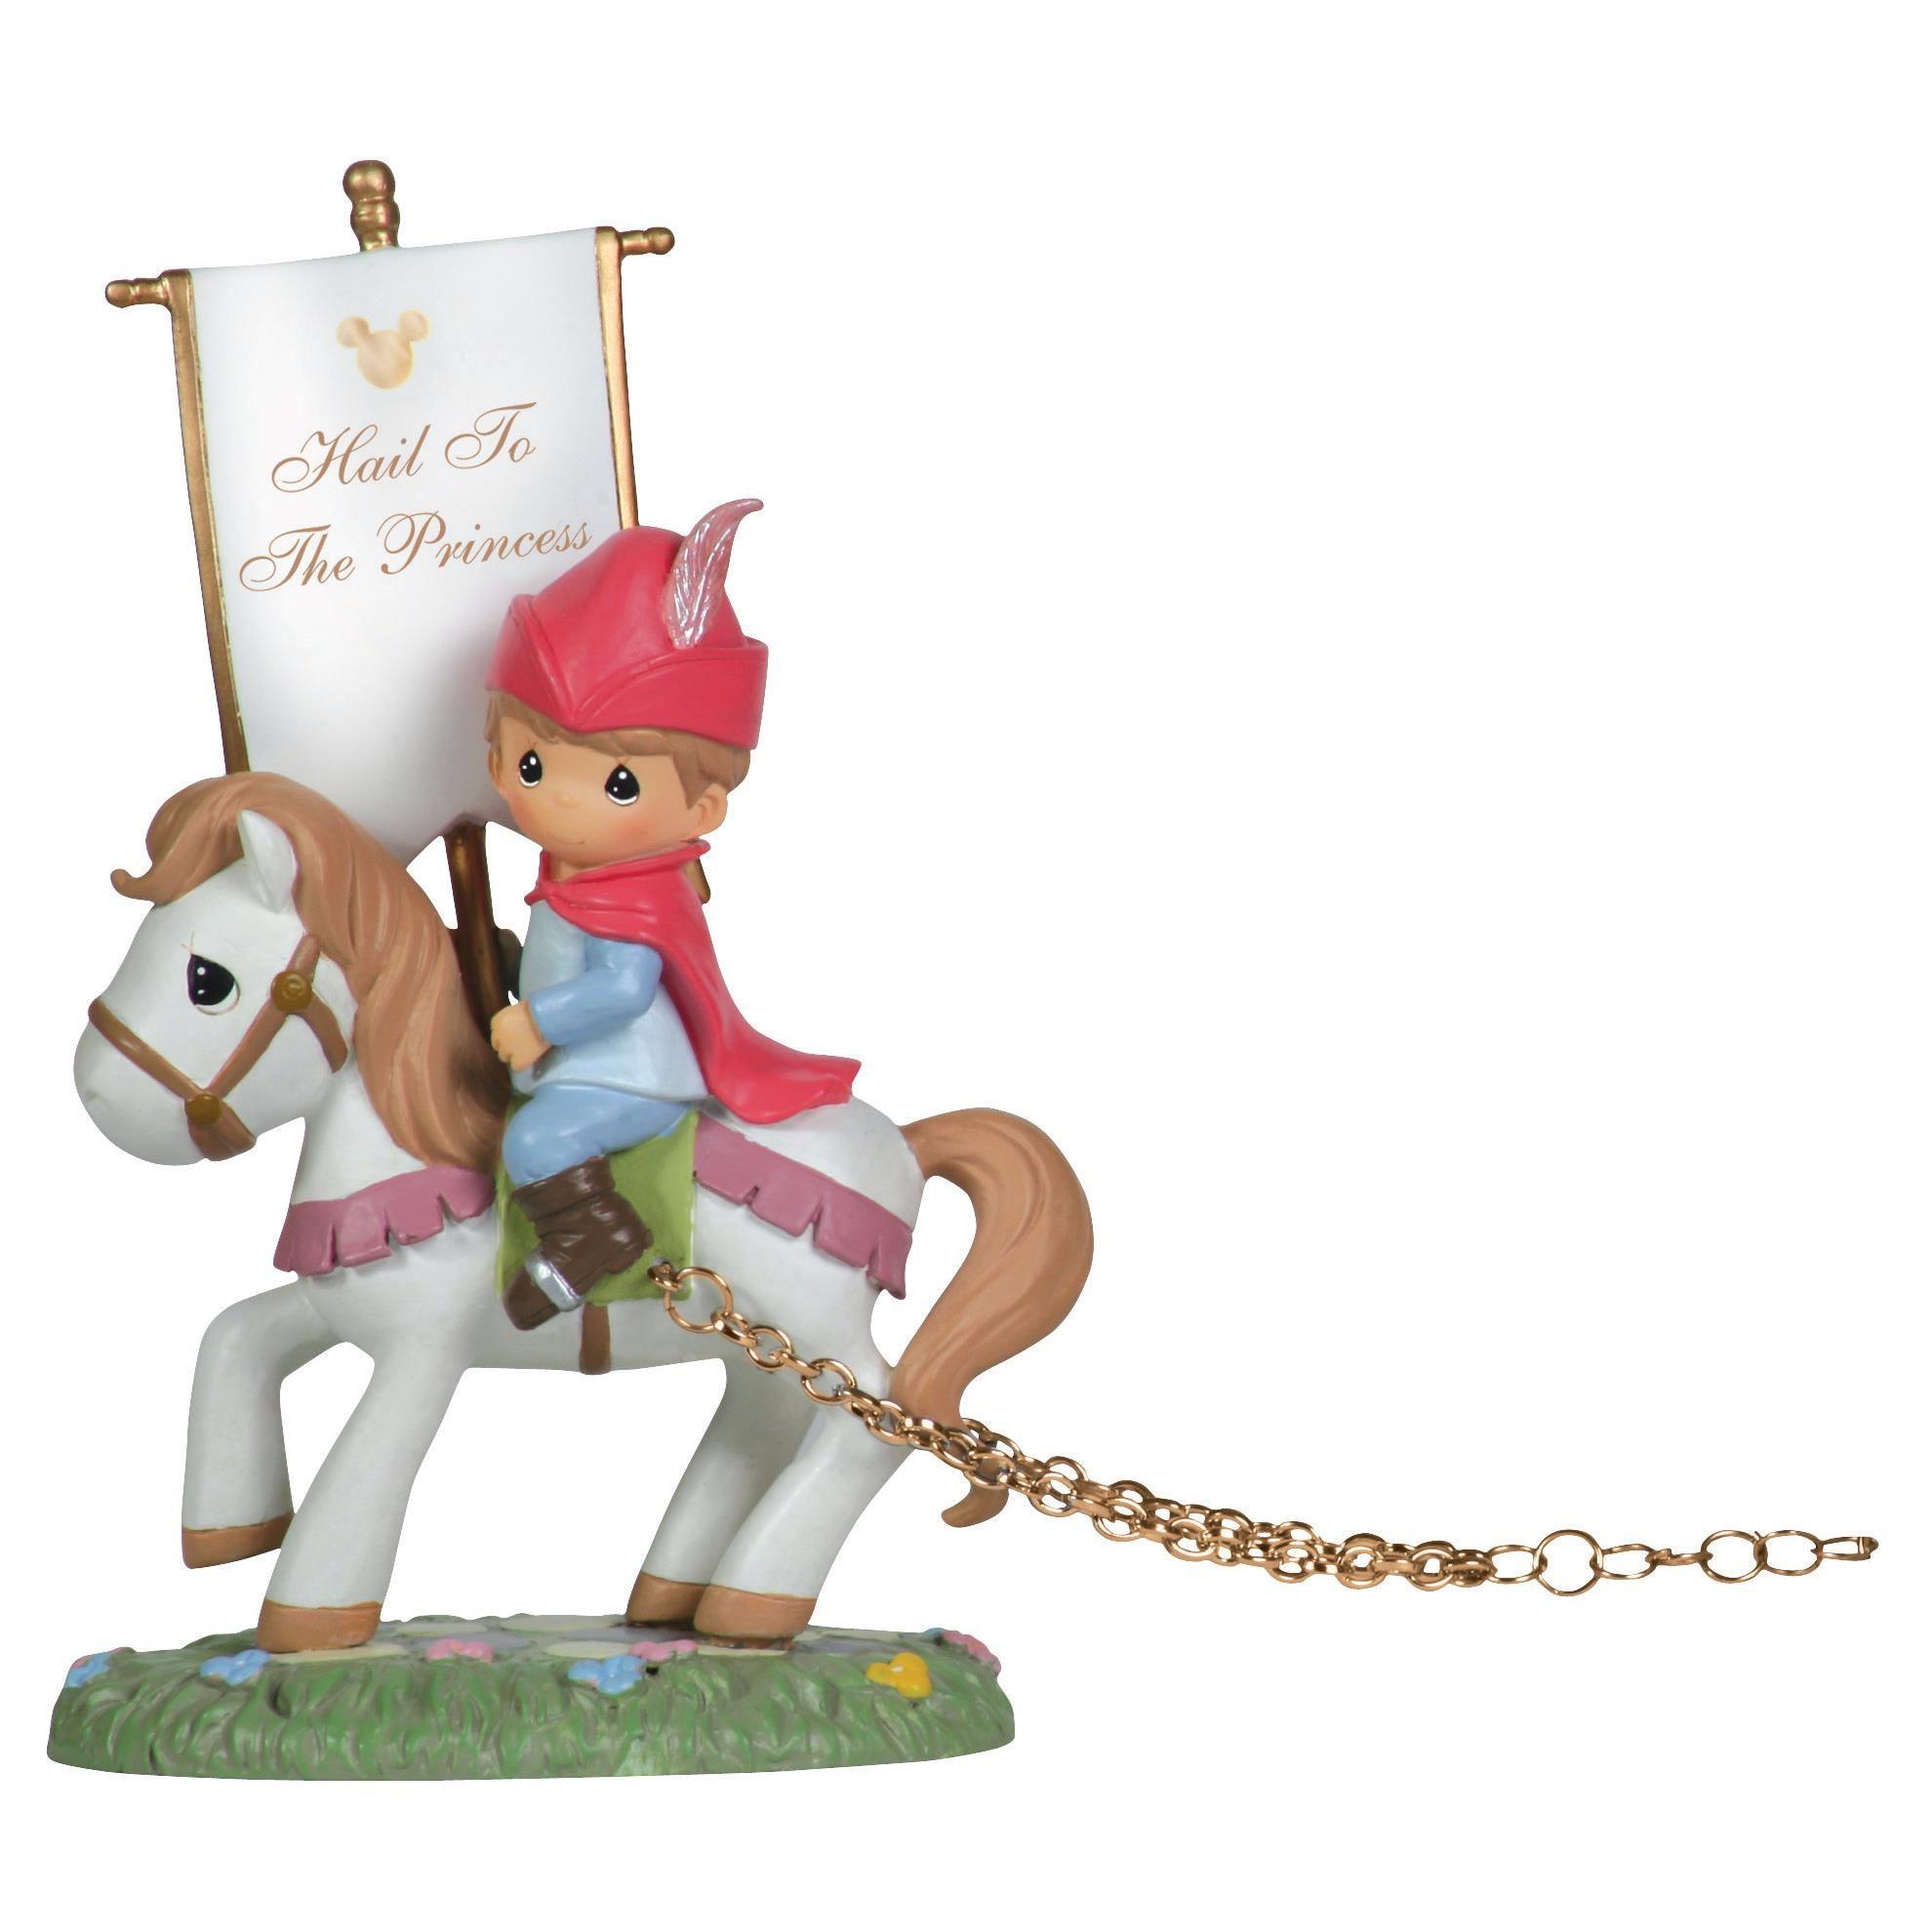 Figurine clipart concerned Riding Prince Riding Figurine Precious